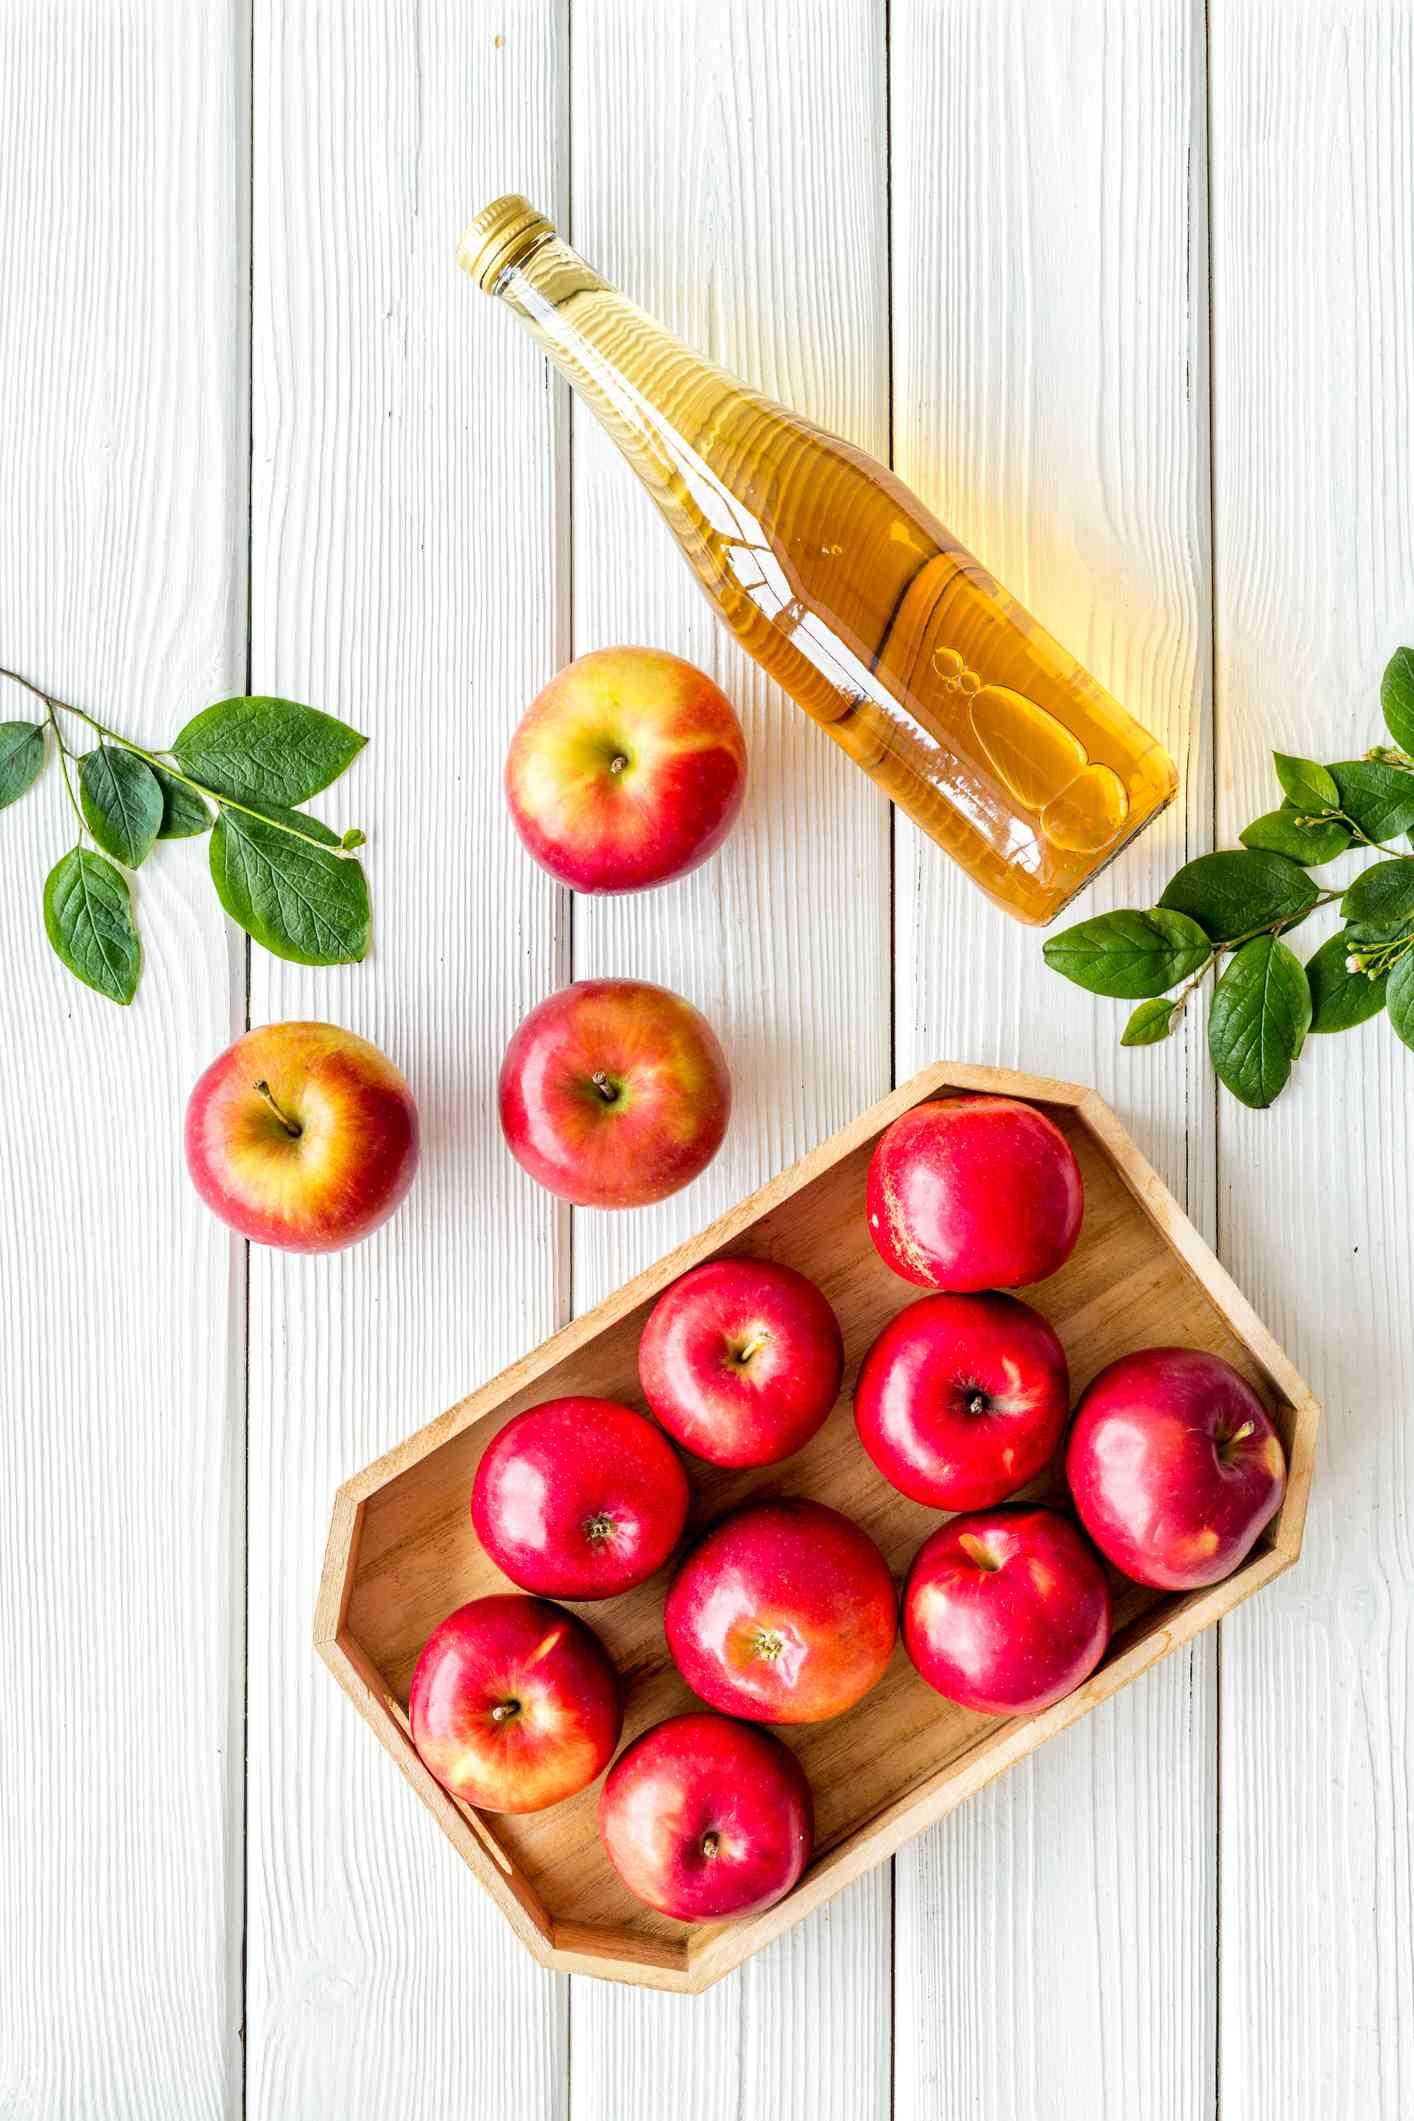 bottle of apple cider vinegar with apples